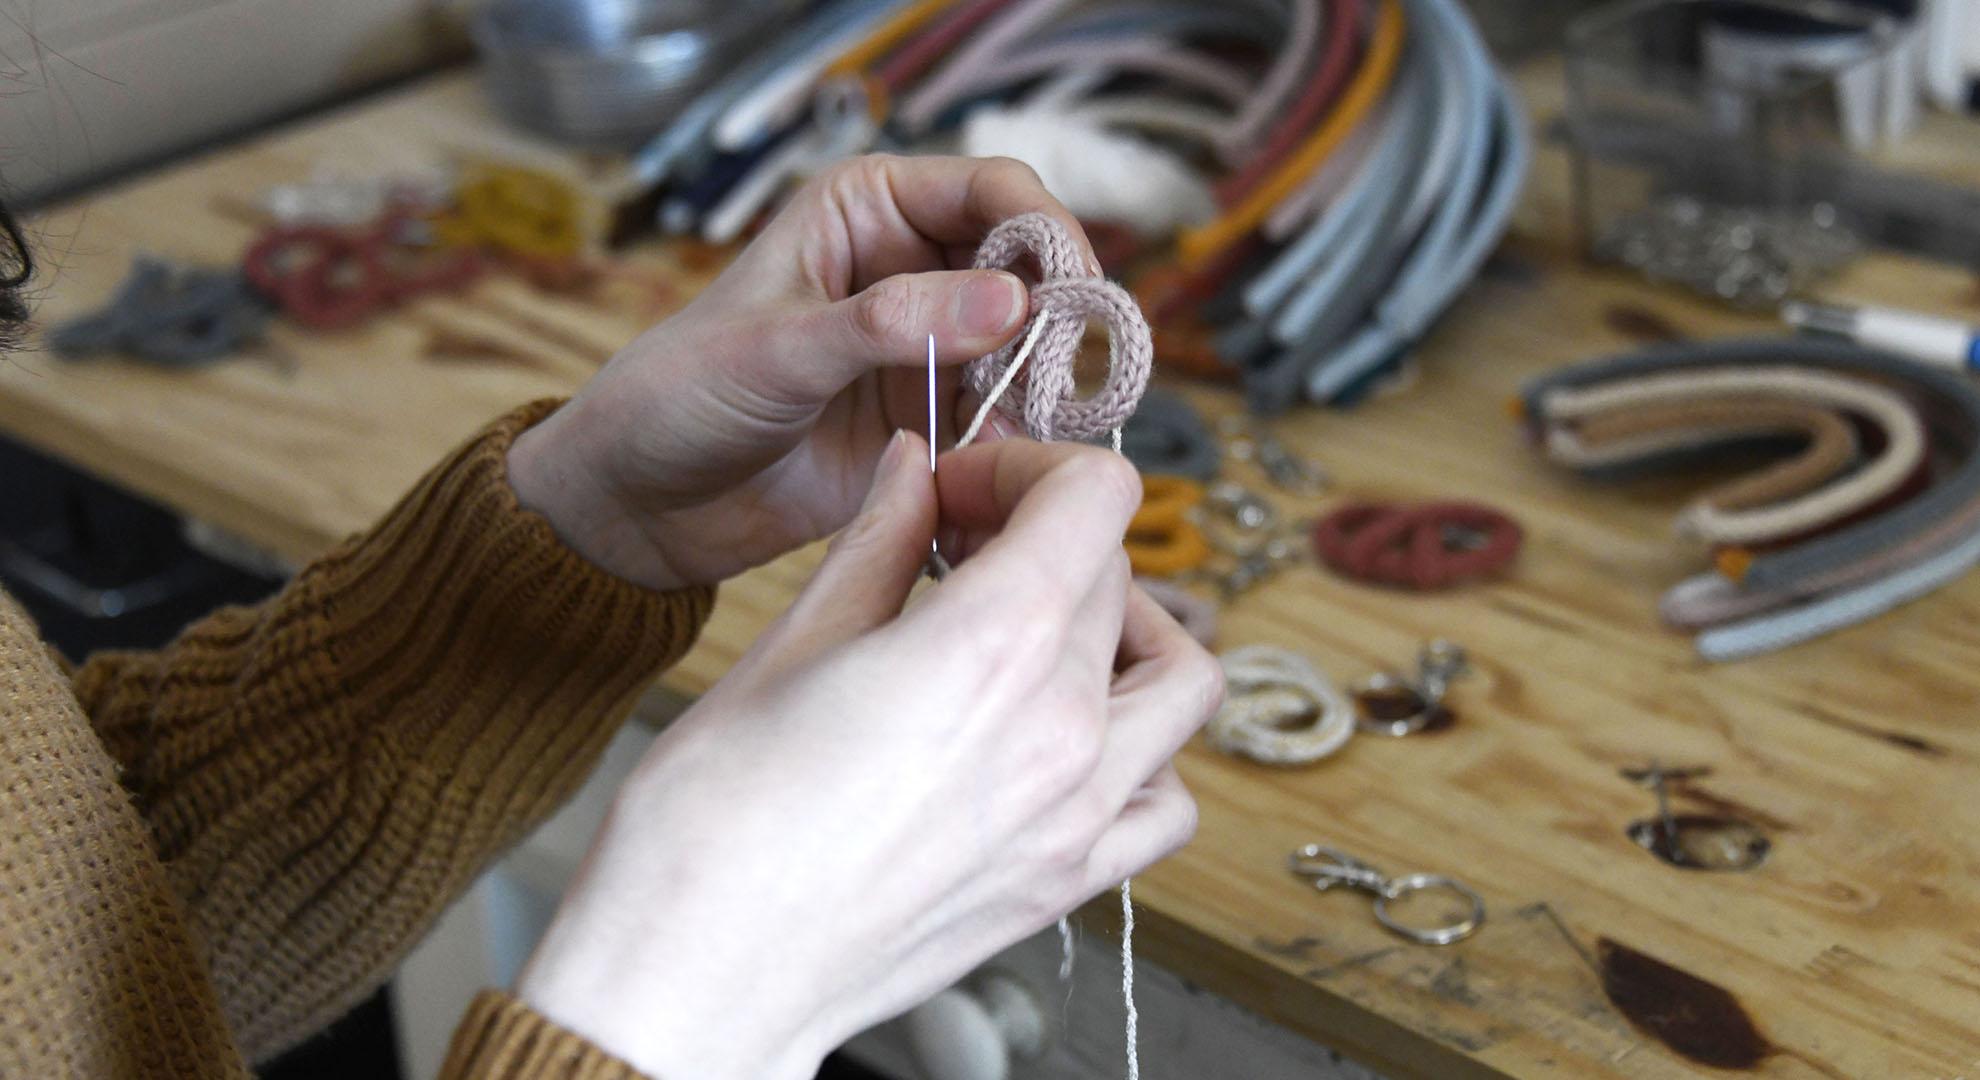 Mulhouse : à la découverte des artisans locaux chez Bretzel et Arc-en-ciel ! Des ateliers en boutique